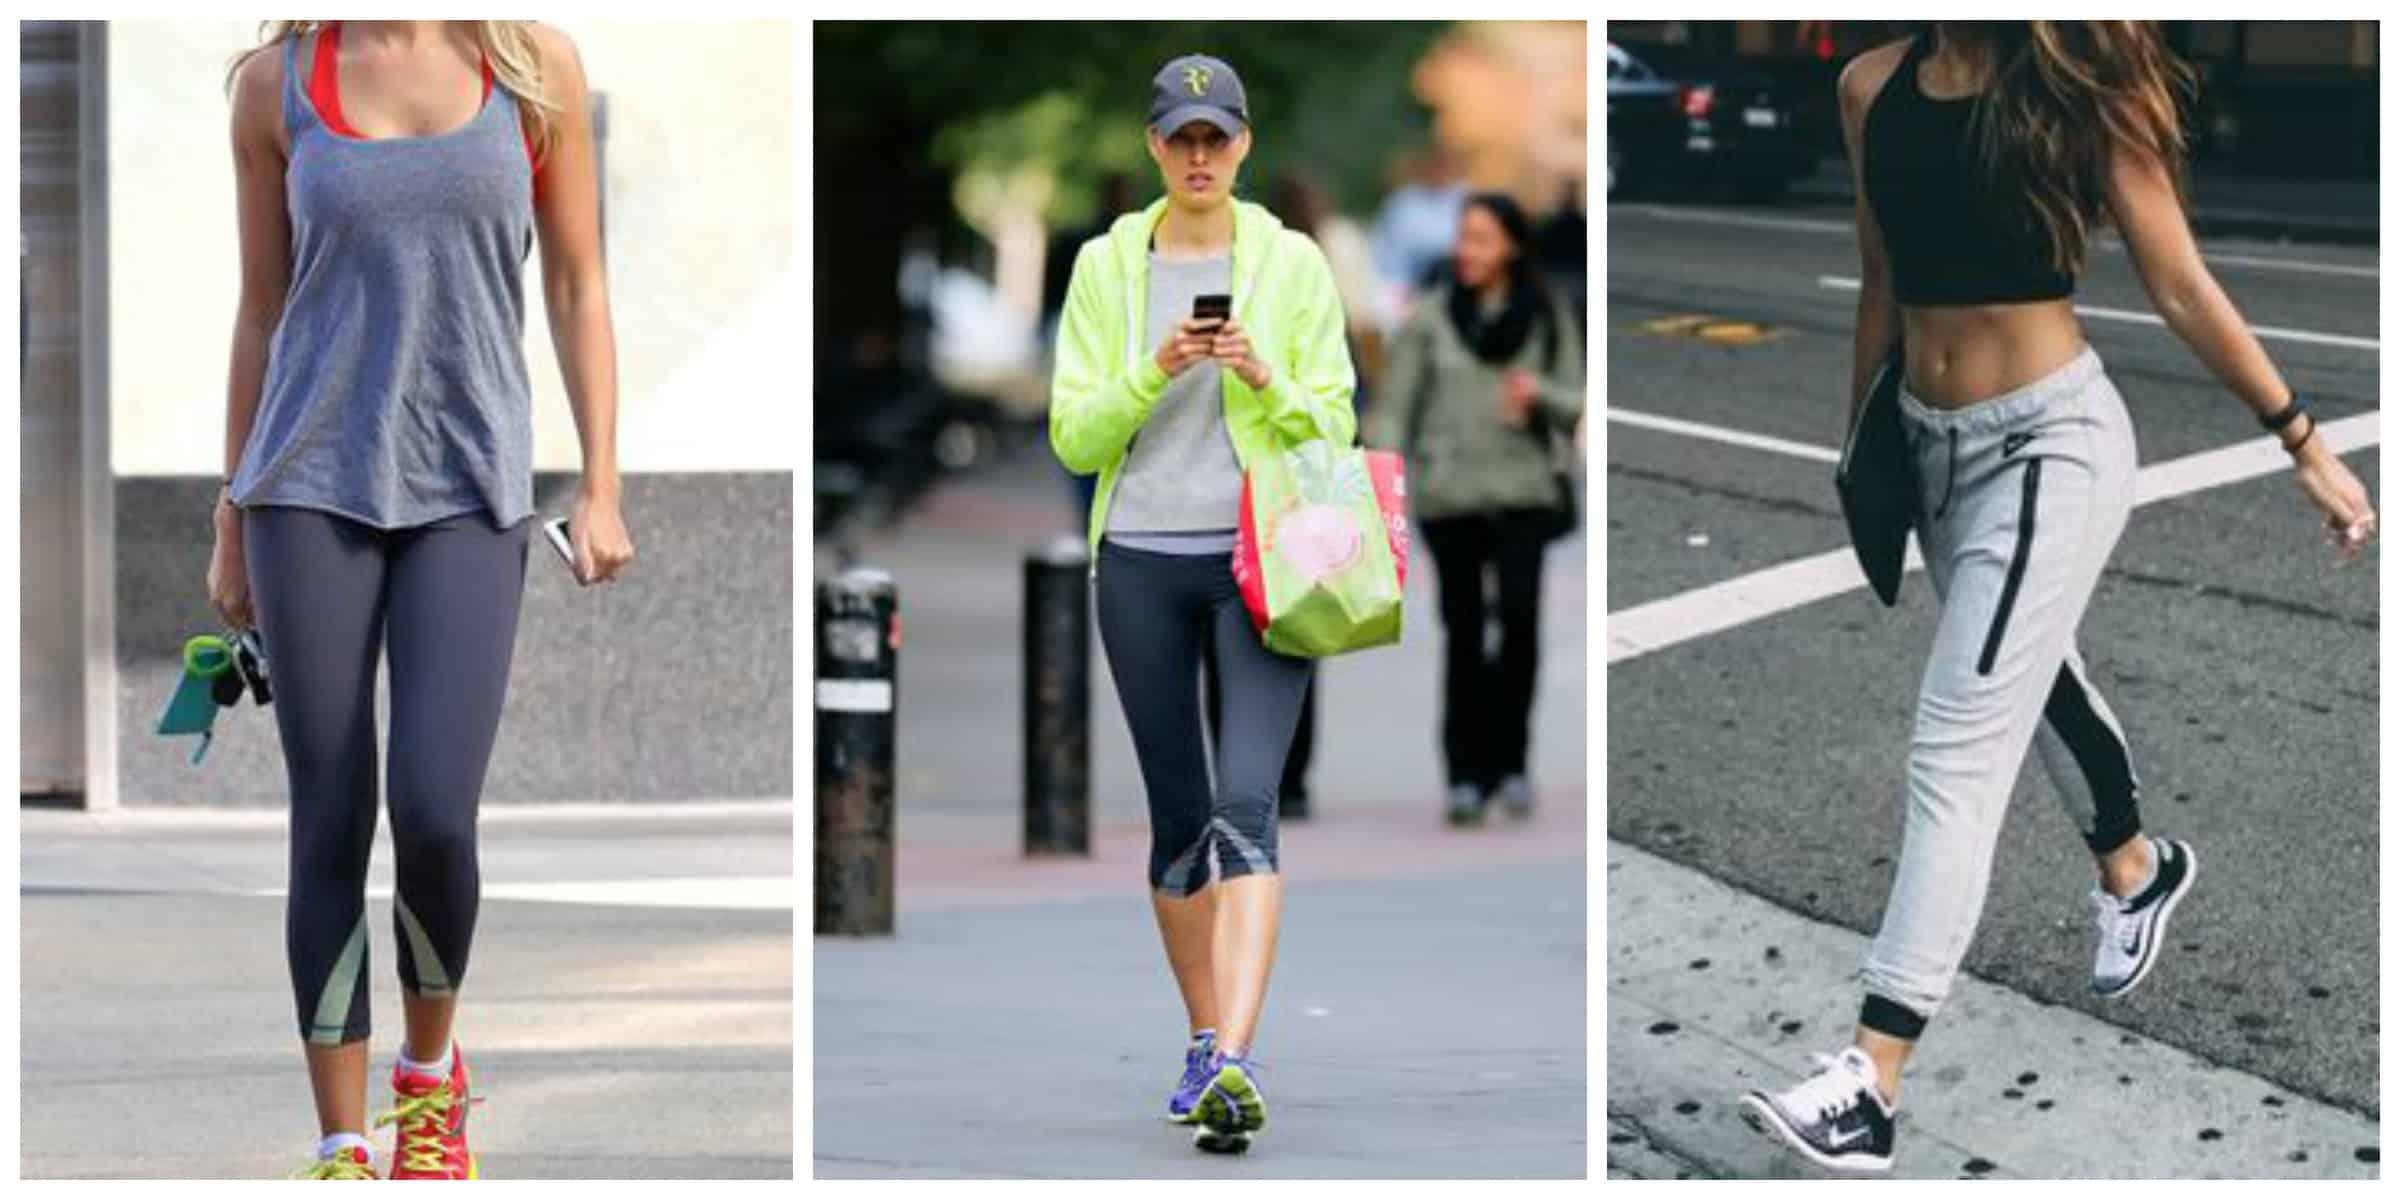 gym-fashion